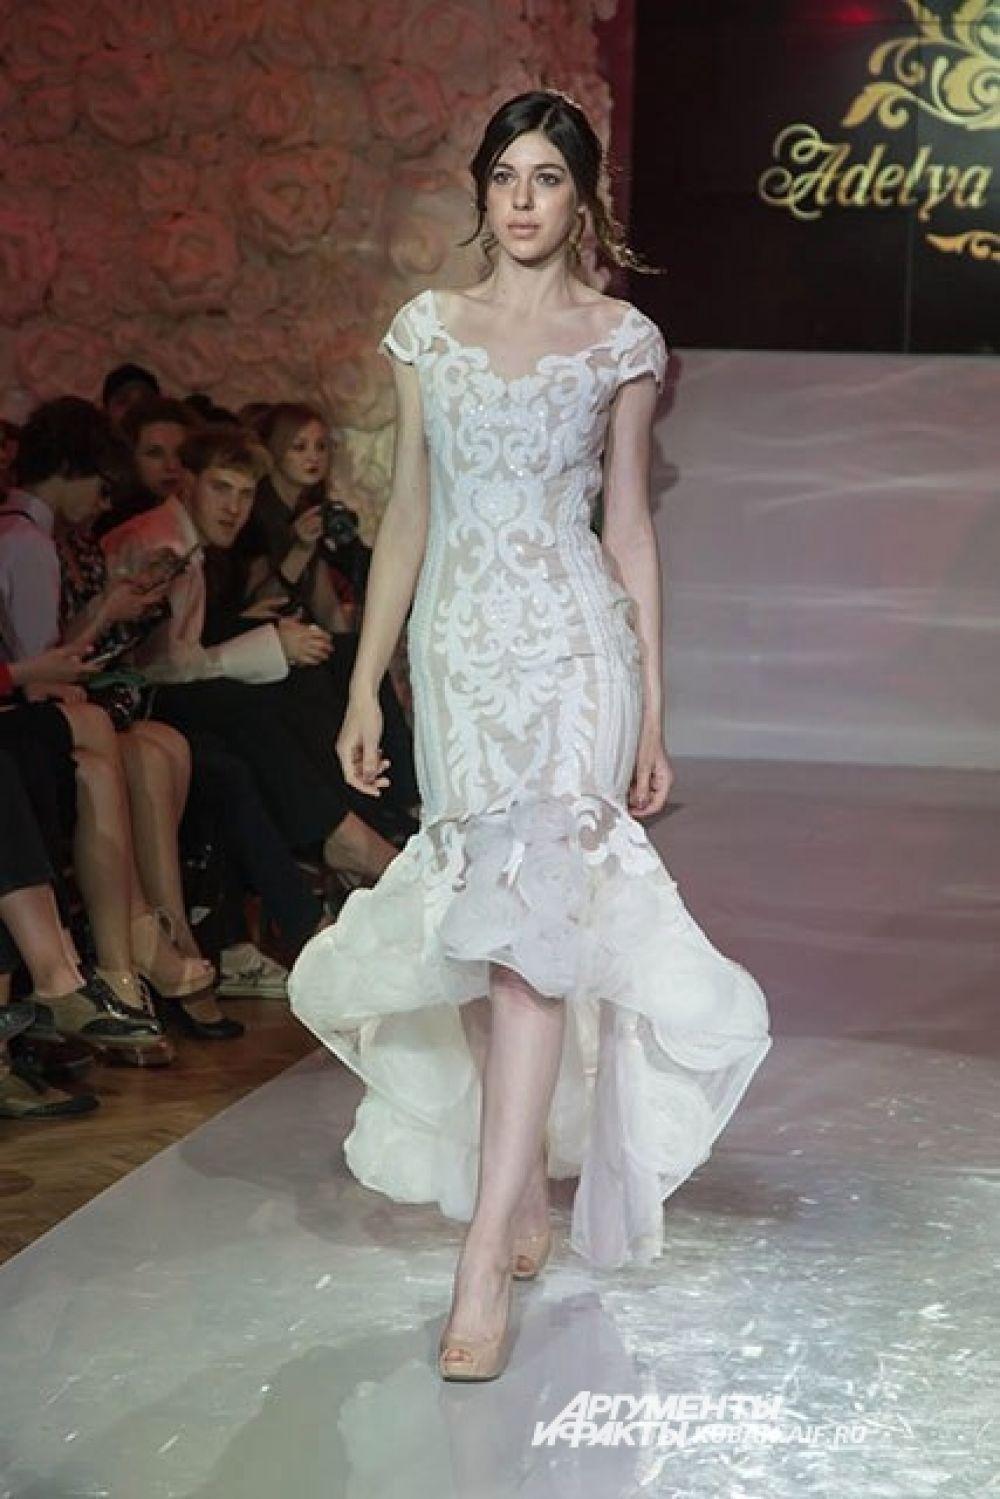 Аделя шьет изящные вечерние платья нежных расцветок.